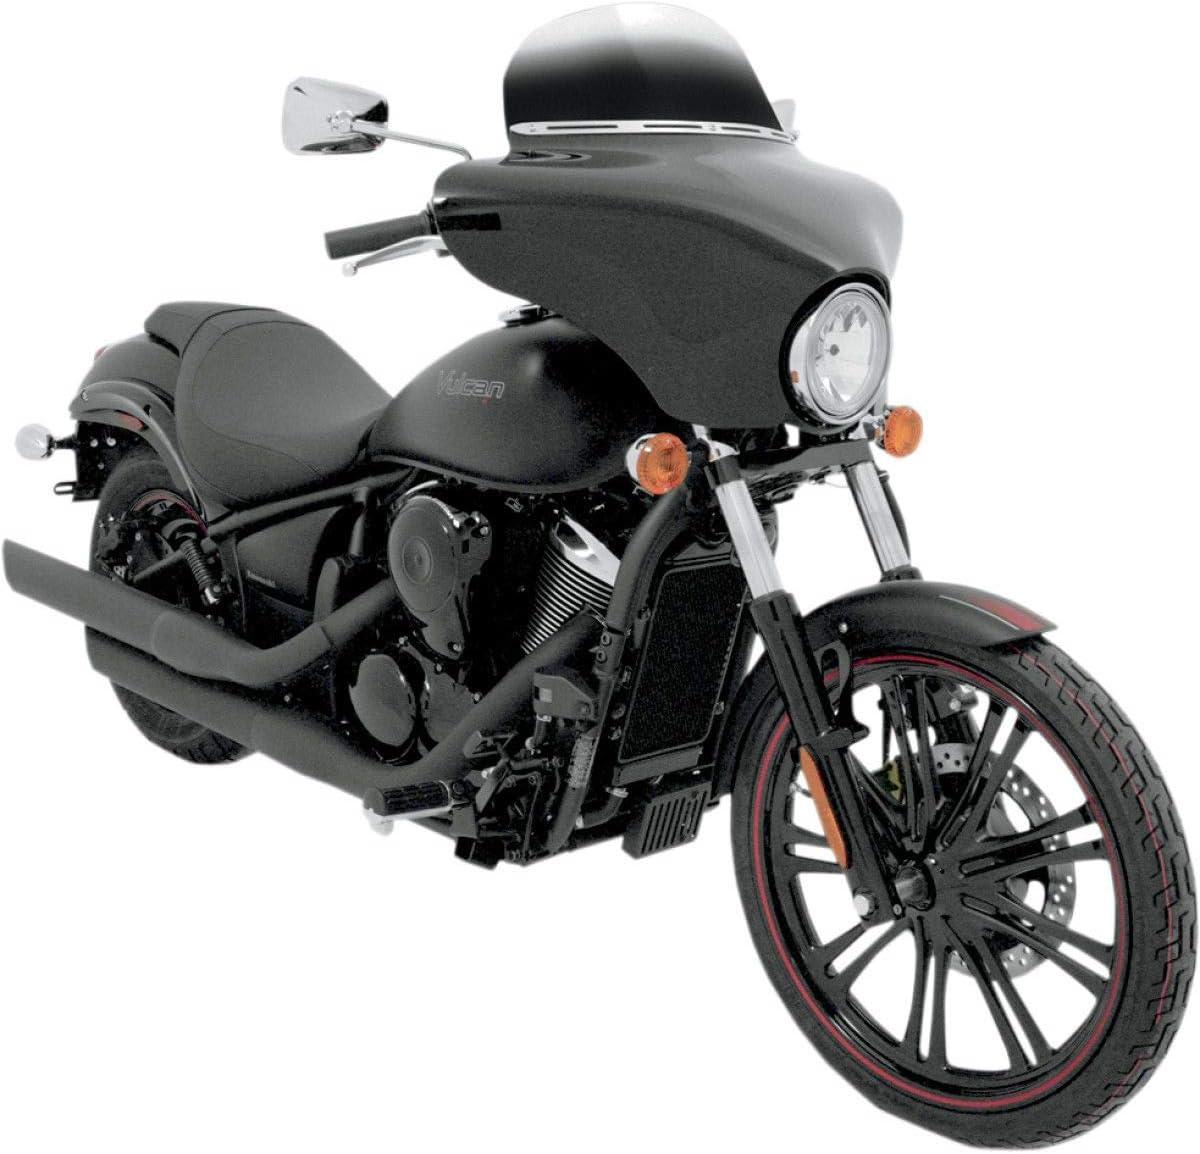 Memphis Shades MEM7151 Black Batwing Fairing fits Kawasaki VN900C Vulcan Custom 2007-2015